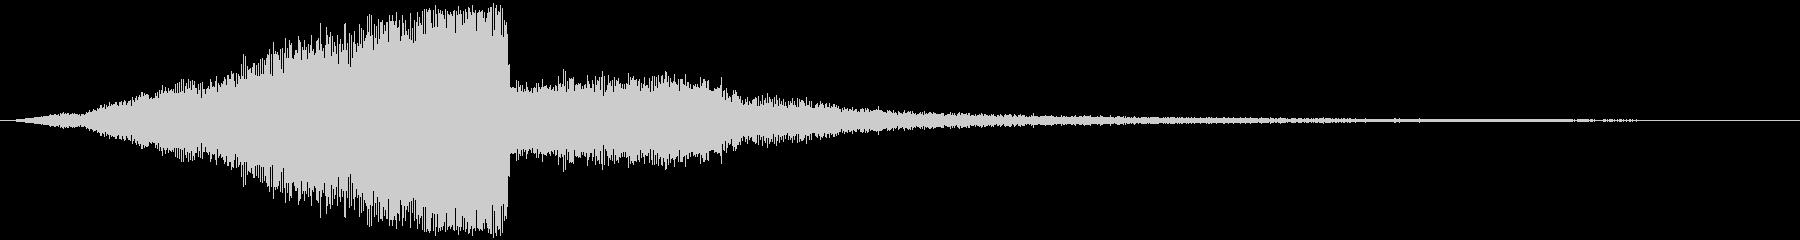 【SF・近未来】トレーラー(タイトル)の未再生の波形